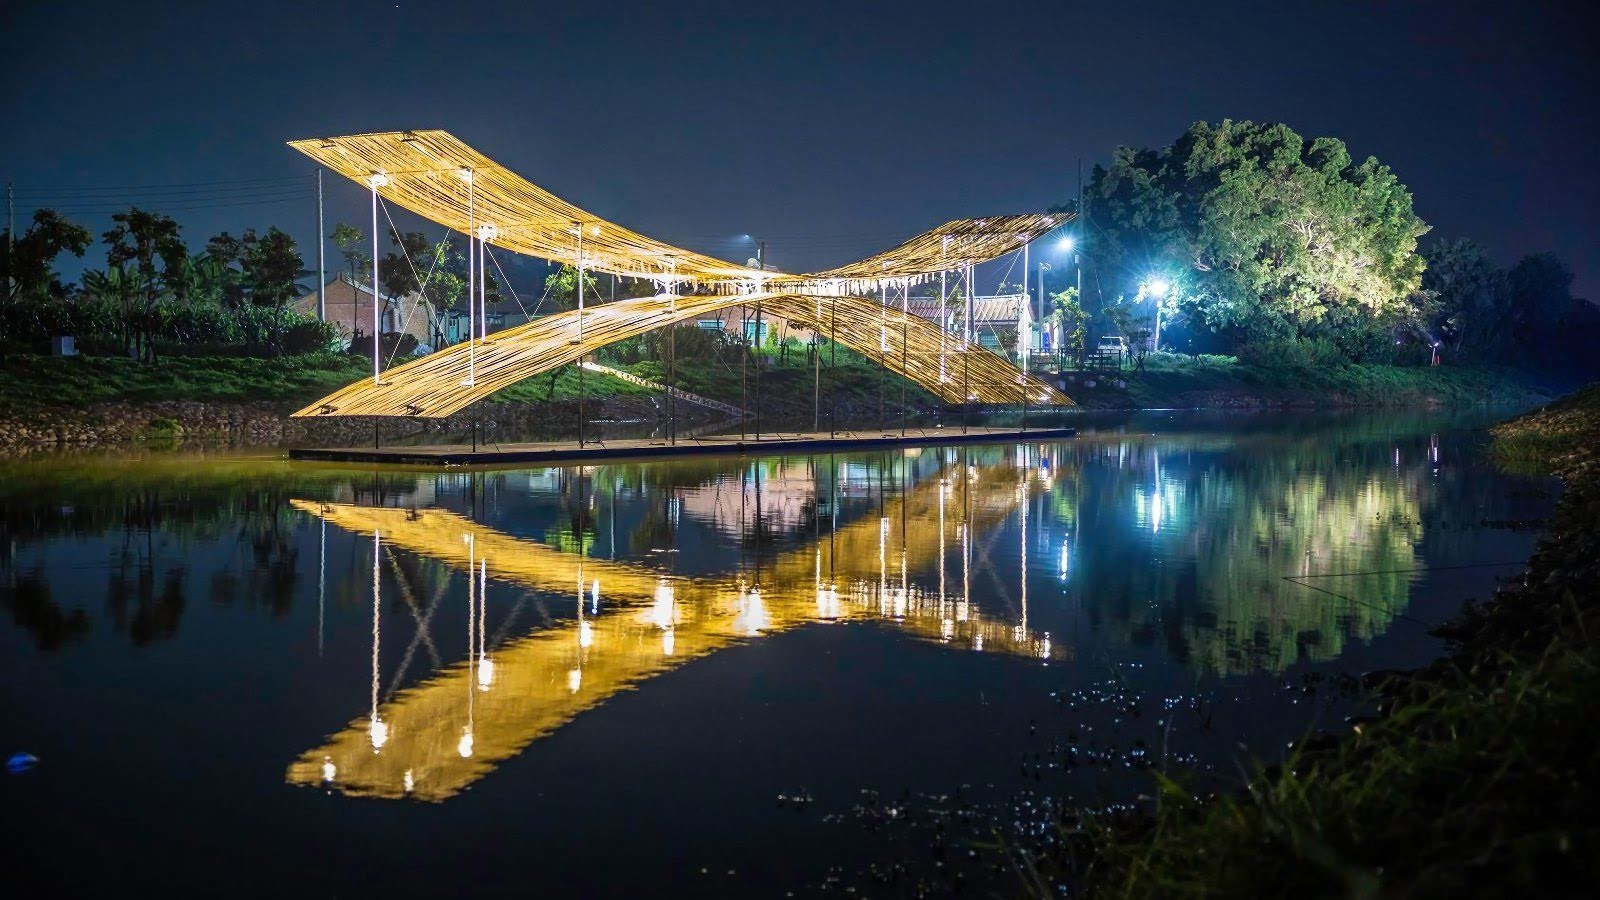 [活動] 2020月津港燈節『海市蜃樓』總導覽|一種港覺×一種直覺|1/18開幕夜點燈